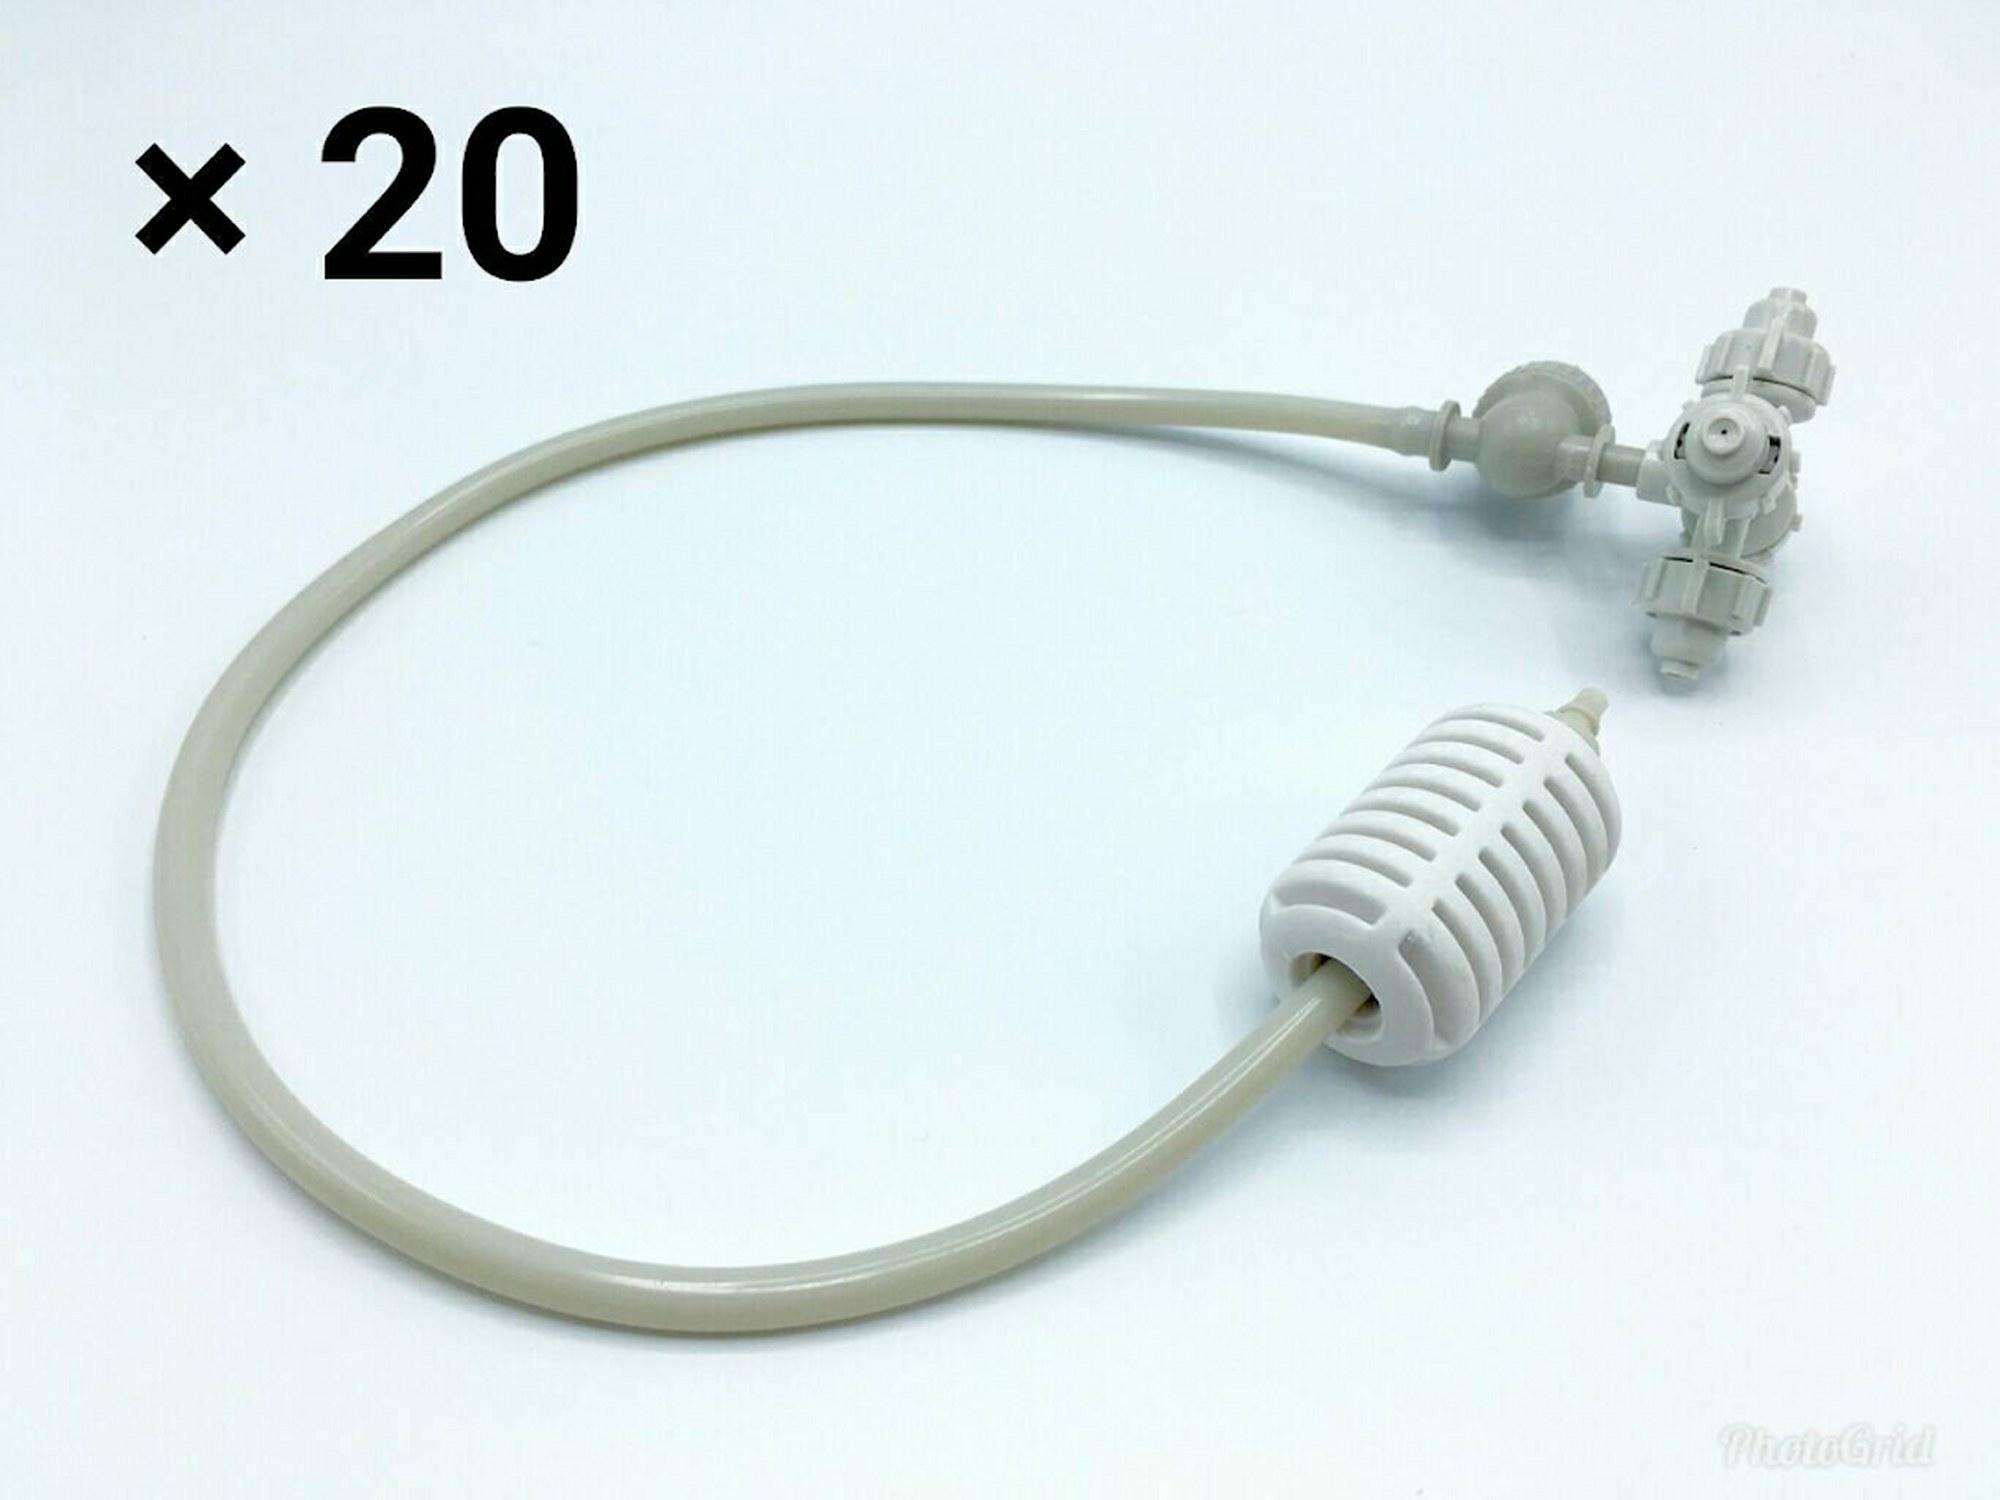 หัวพ่นหมอก 4 ทางเนต้าฟิล์ม 0.6 mm. 20 ชุด ( ชุดละ 100 บาท )